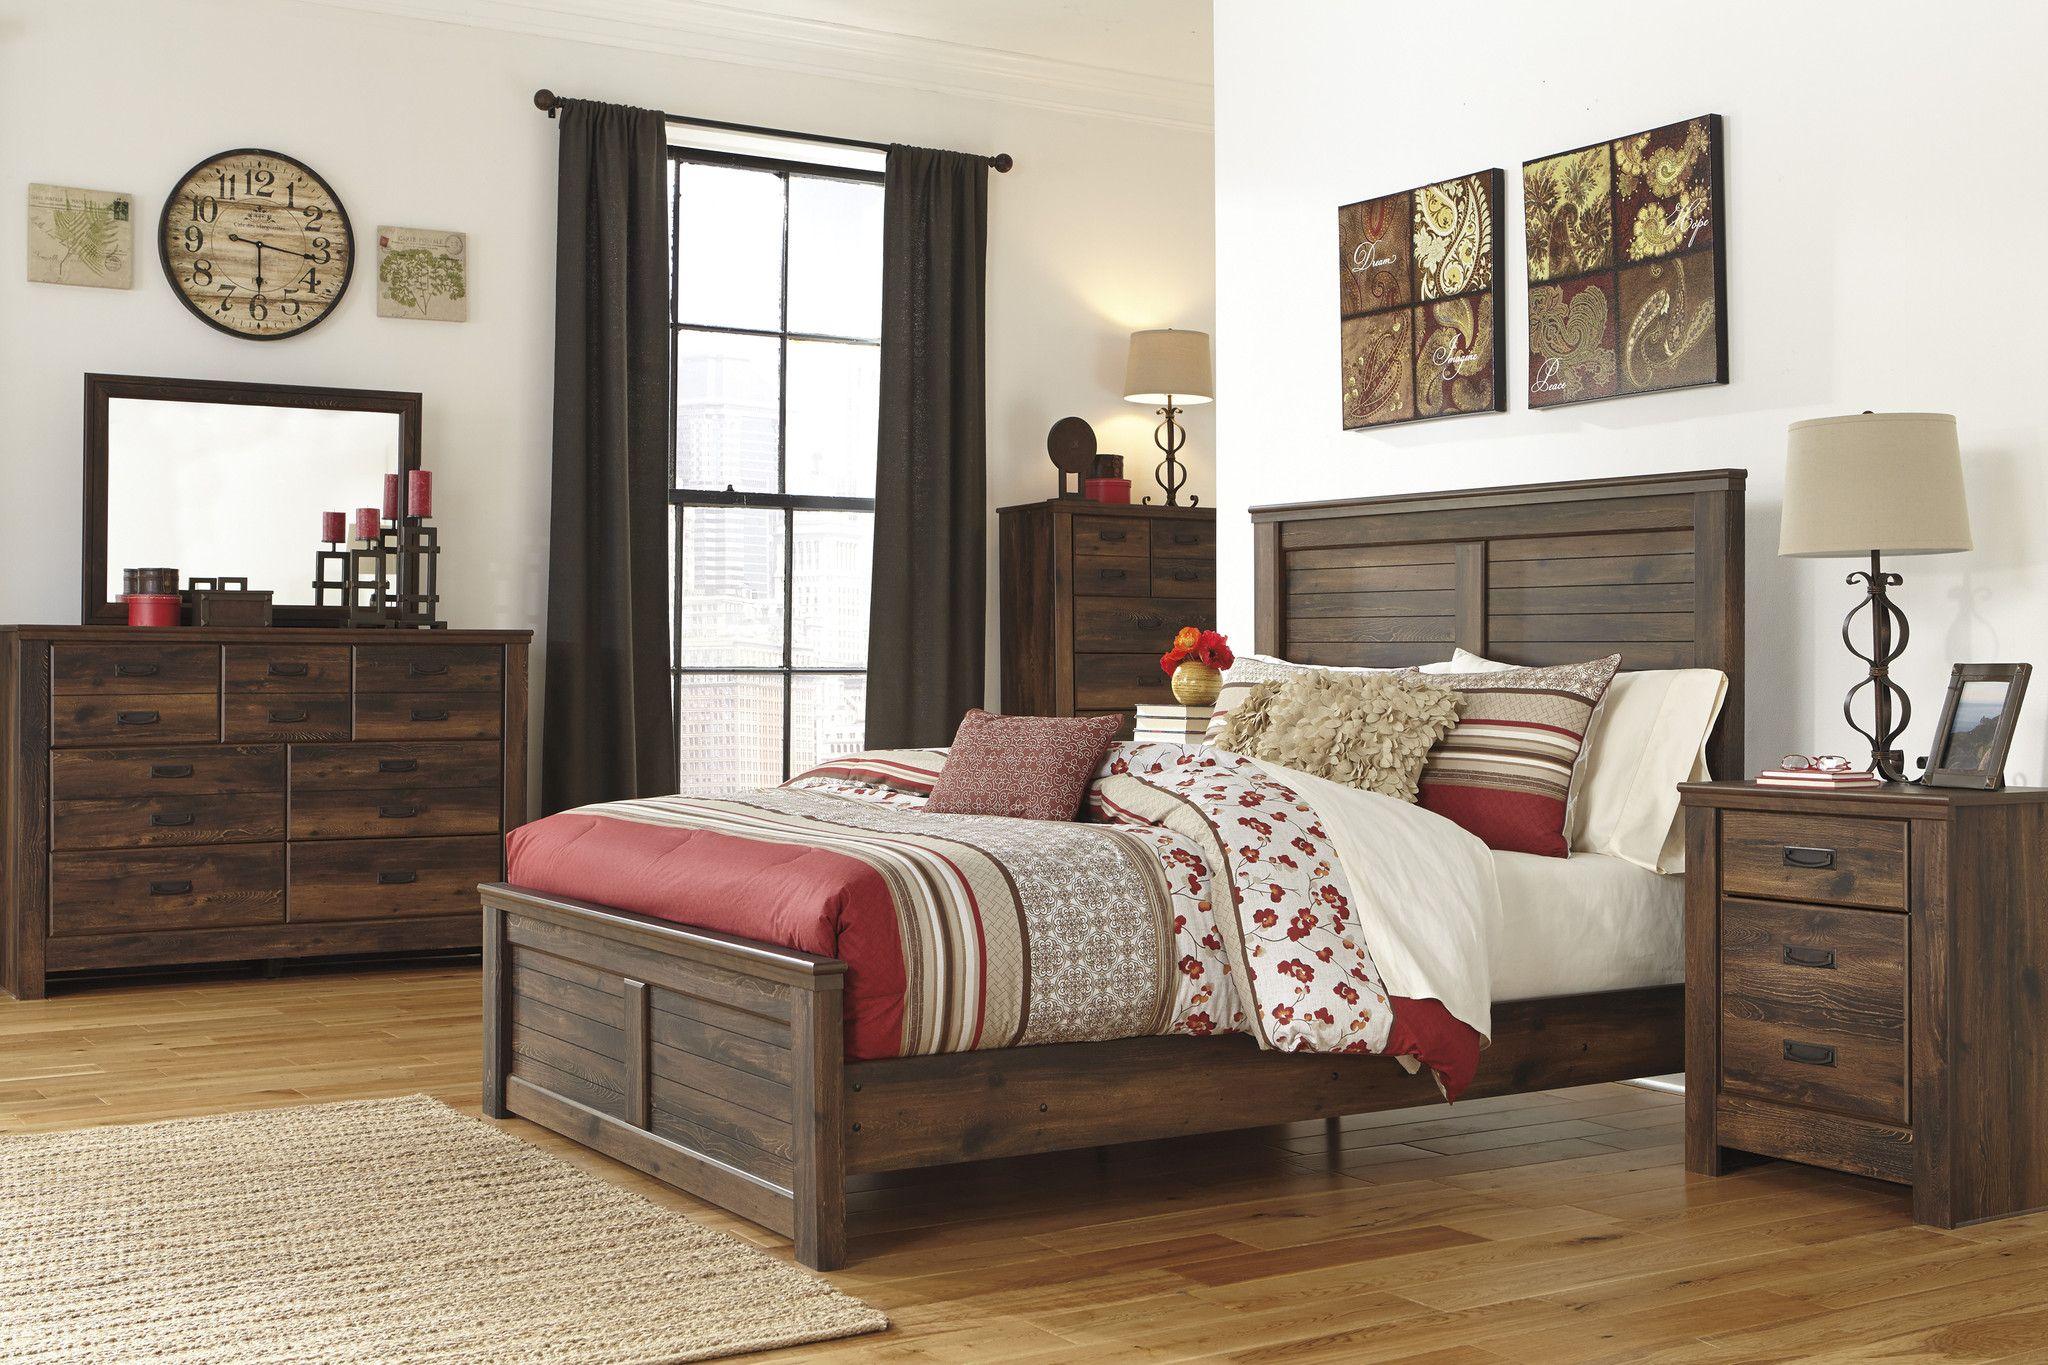 Master bedroom dimensions  Ashley Furniture Quinden Panel Bedroom Group  JACKS WAREHOUSE